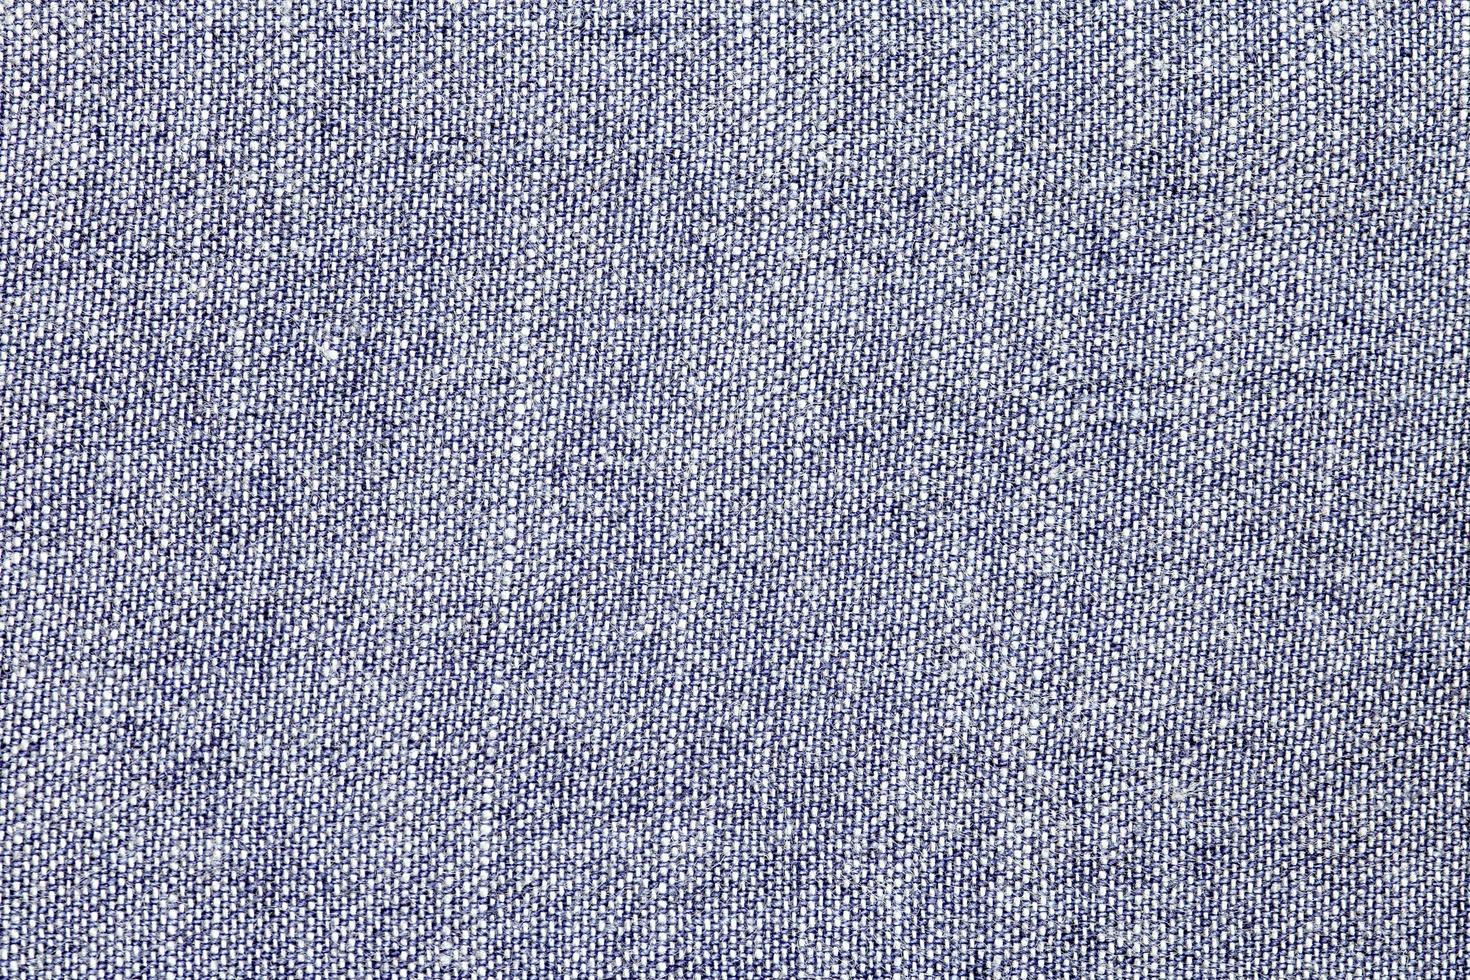 Close-up of light blue denim photo